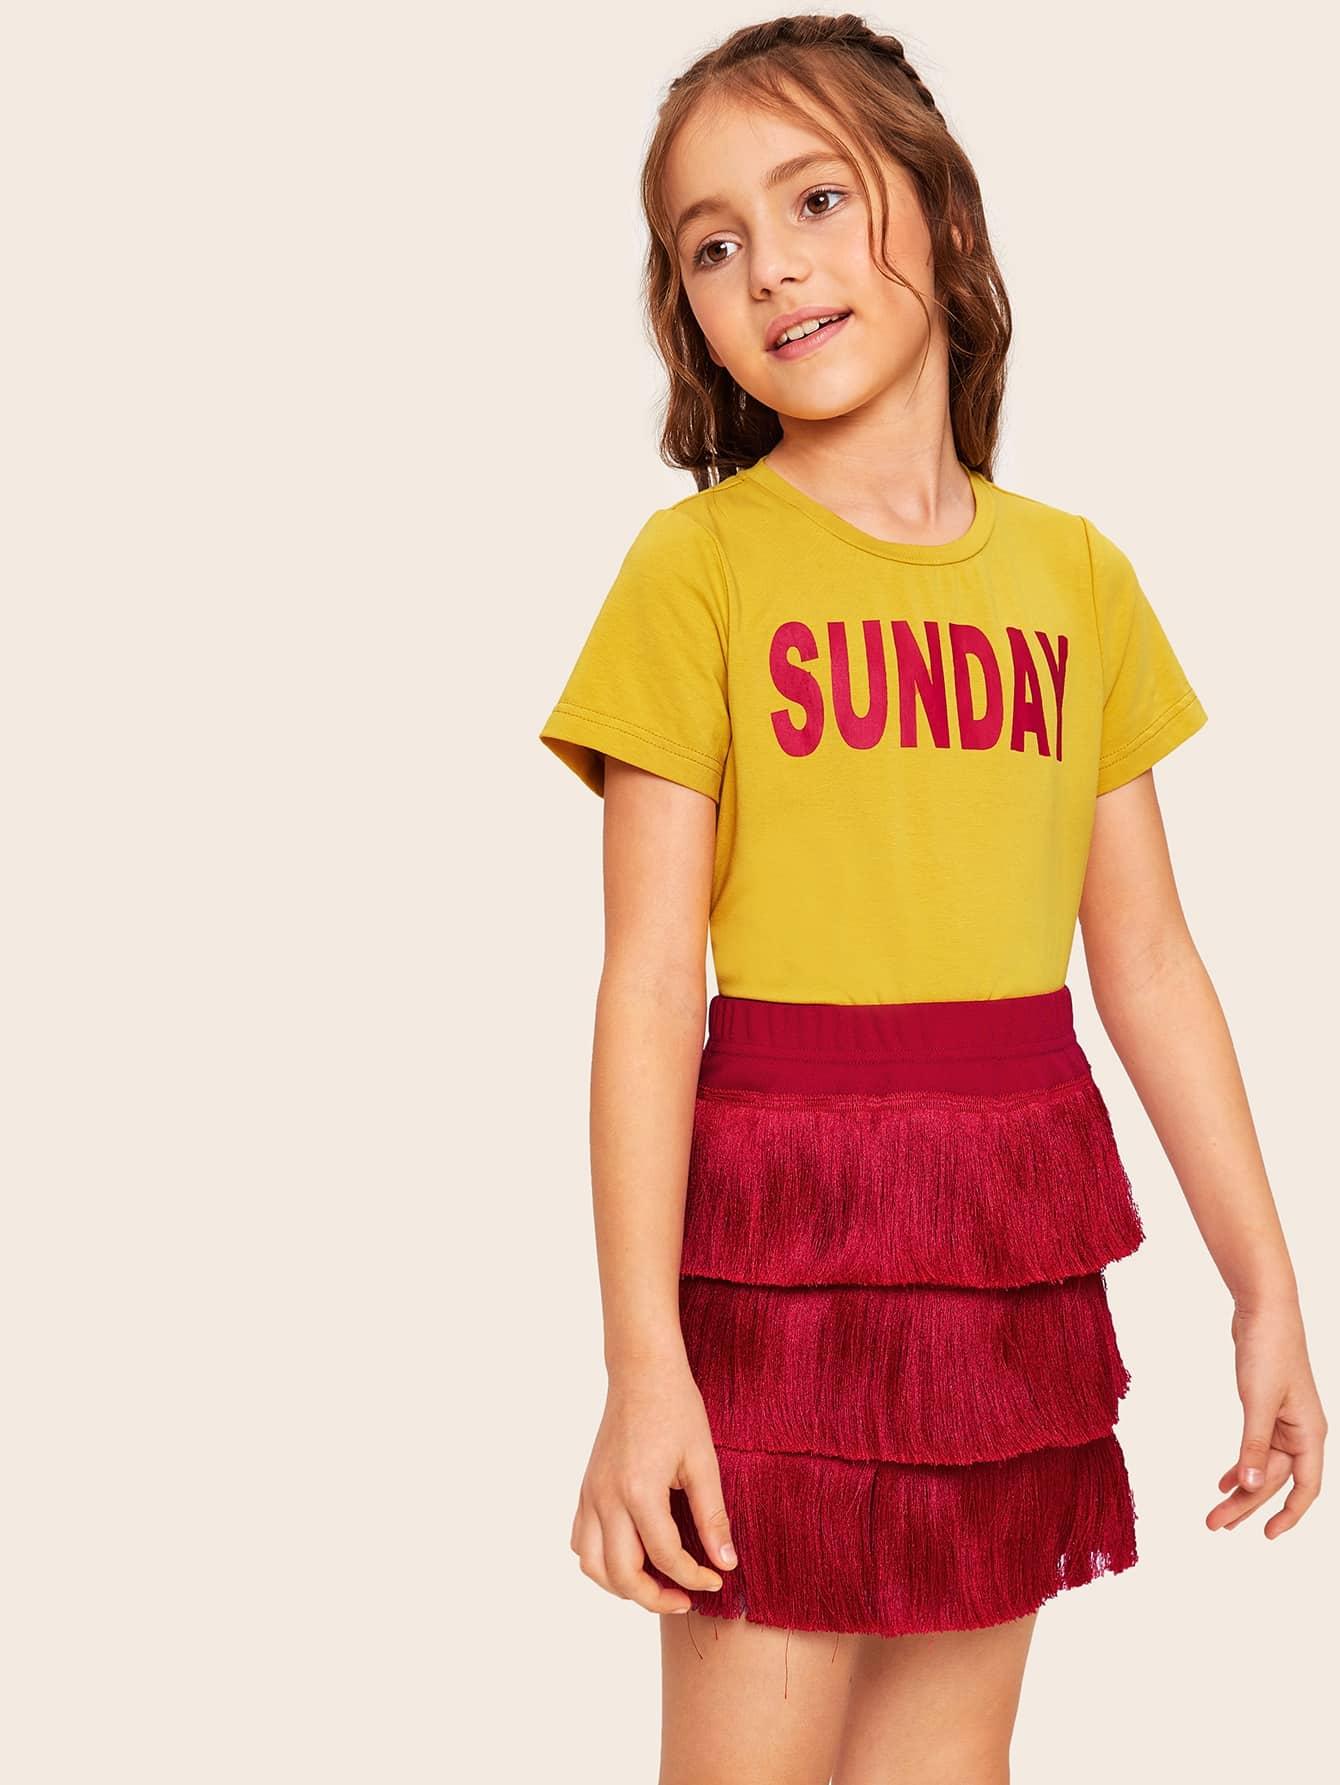 Фото - Топ с текстовым принтом и юбка с бахромой для девочек от SheIn цвет многоцветный